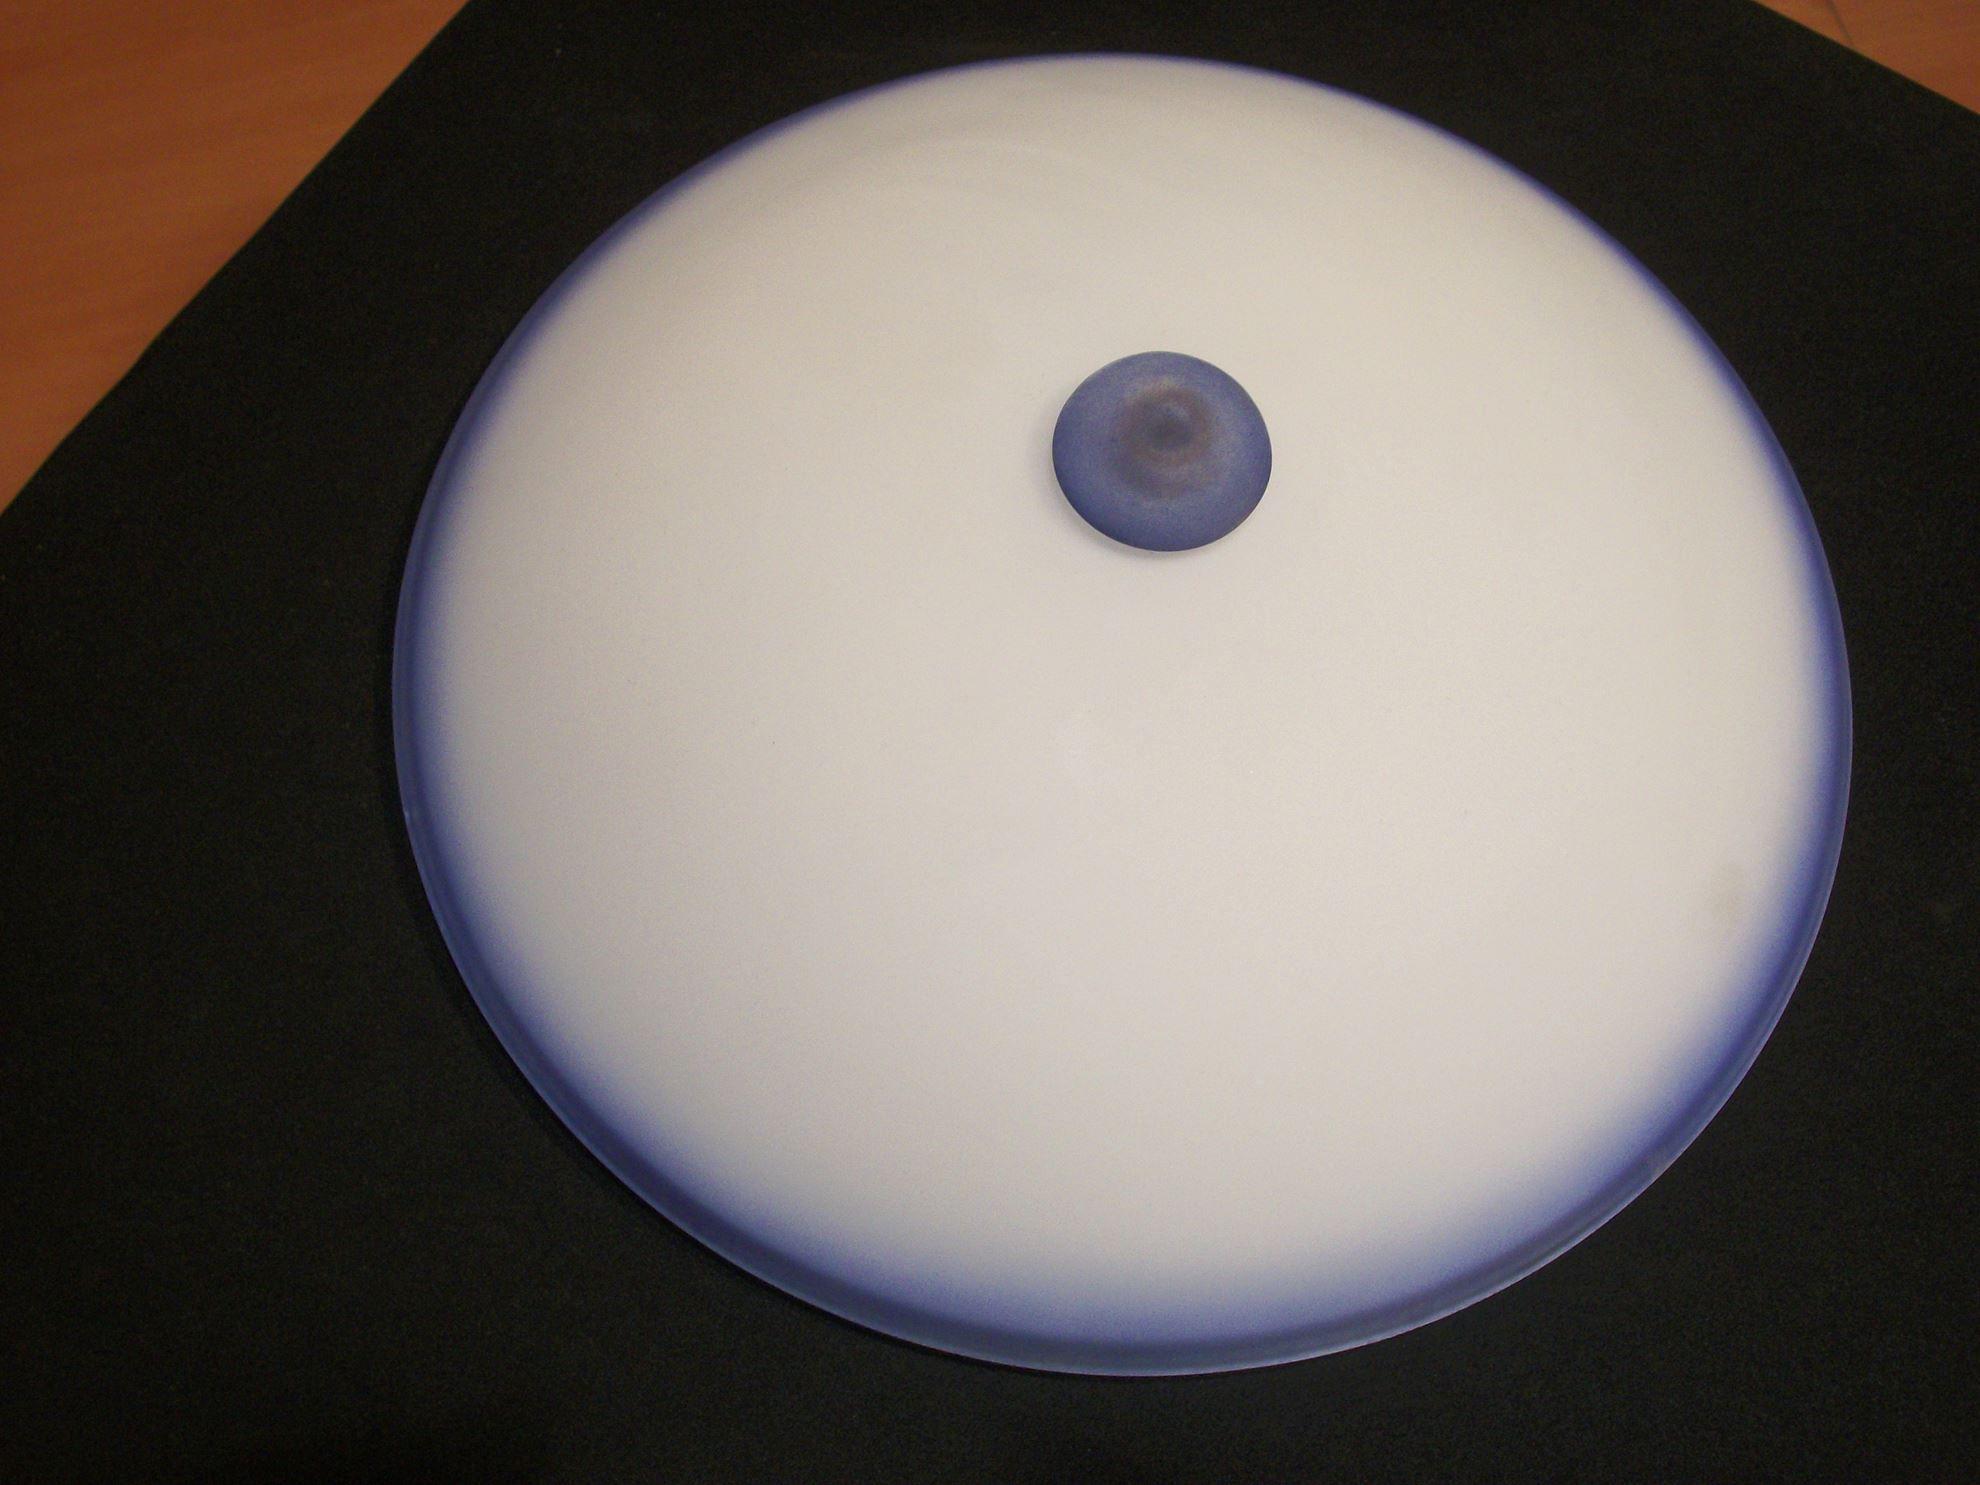 Plafoniere Vetro Satinato : Sole plafoniera in vetro bianco latte satinato illuminando